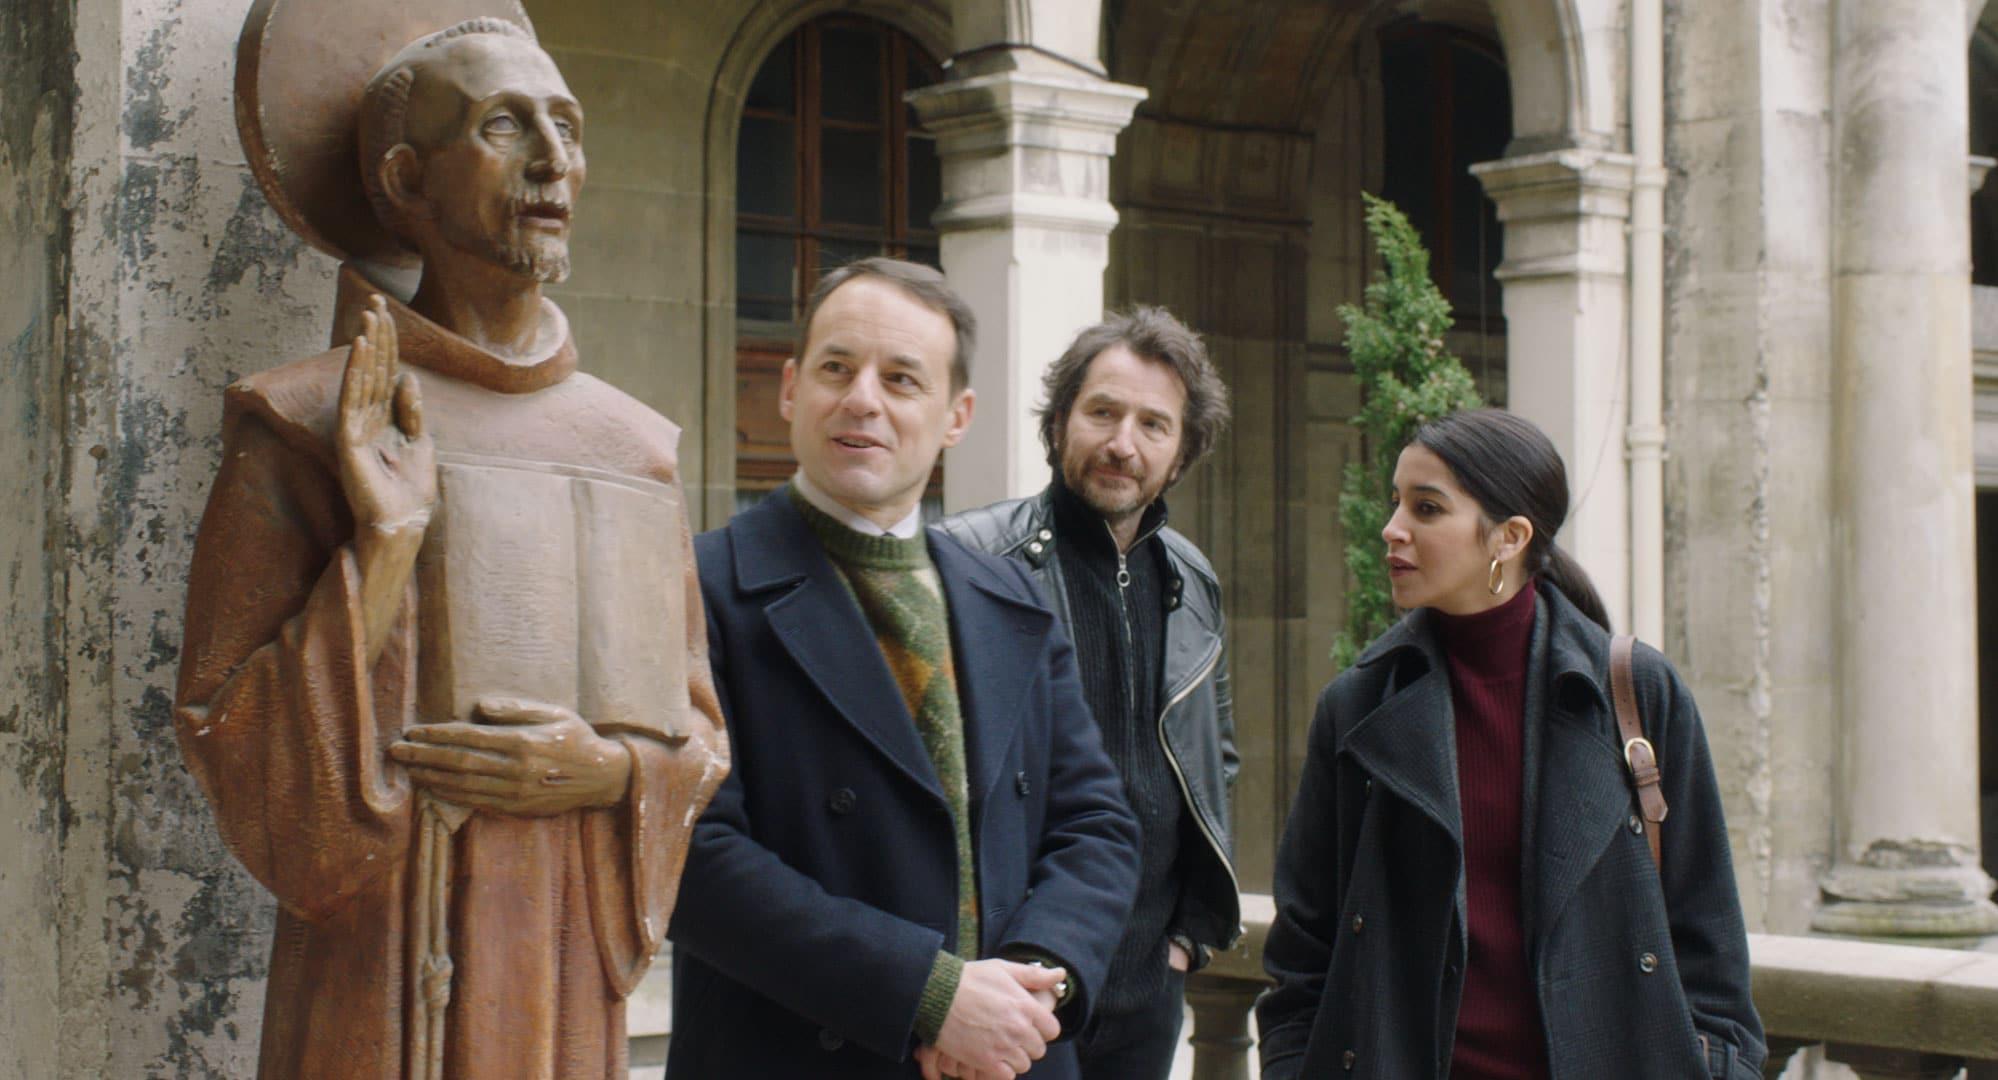 Una classe per i ribelli recensione film di Michel Leclerc con Leïla Bekhti